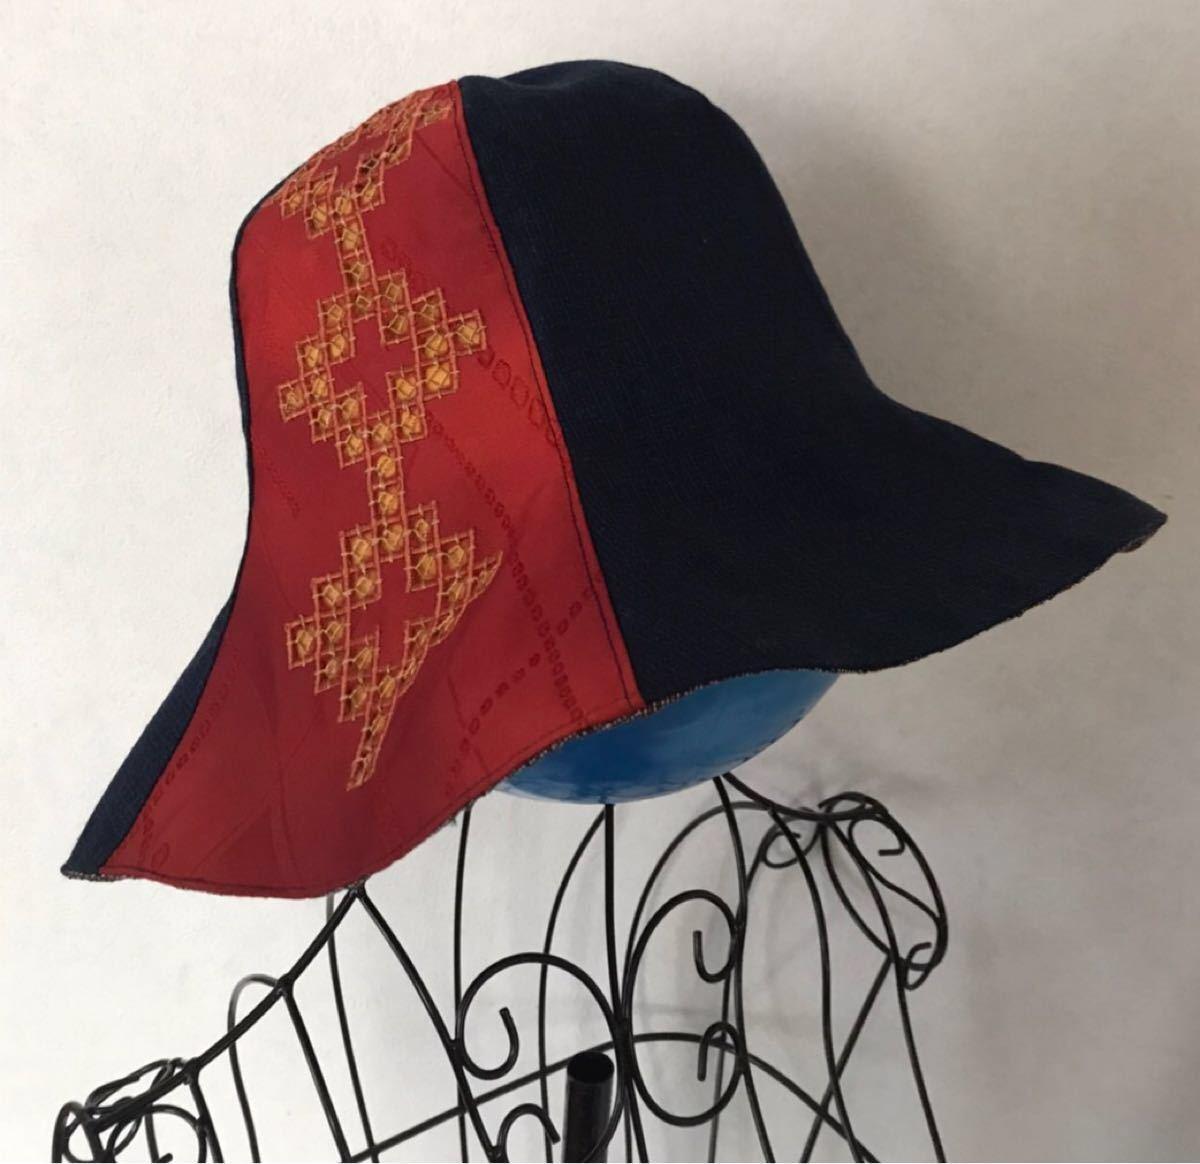 ハンドメイド ハンドメイド帽子 帽子 着物リメイク 着物 リメイク